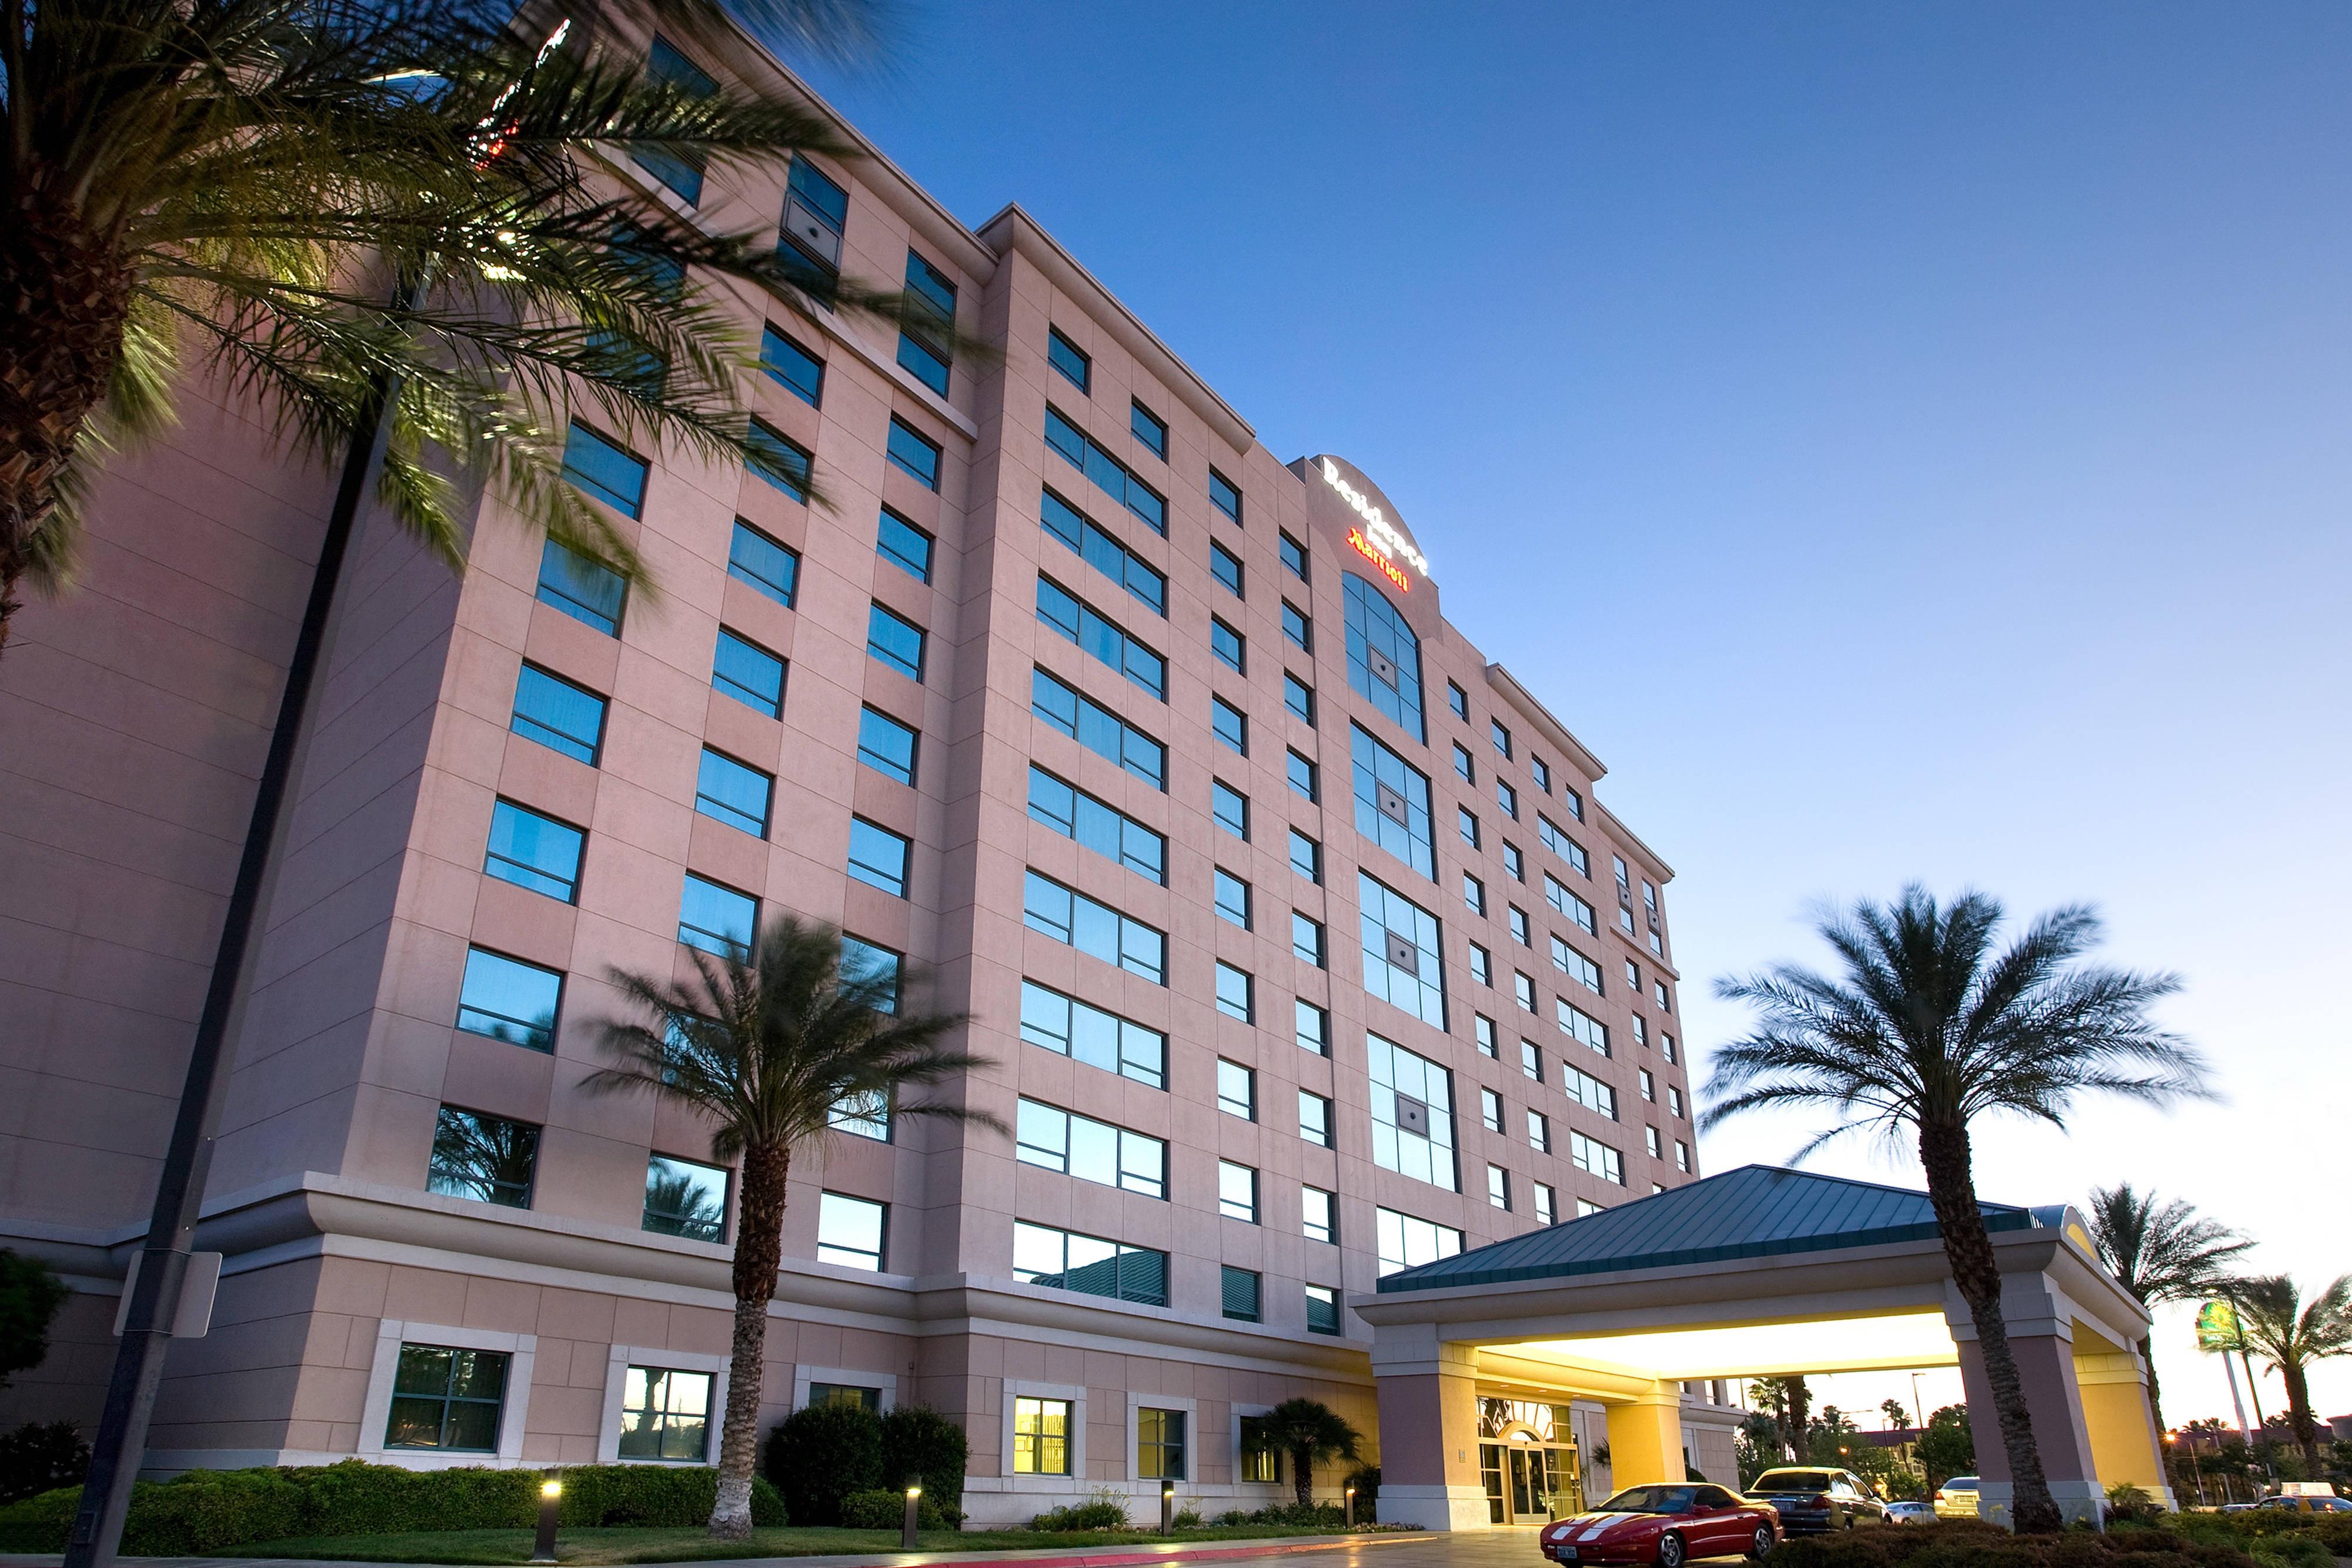 Residence Inn Las Vegas Entrance